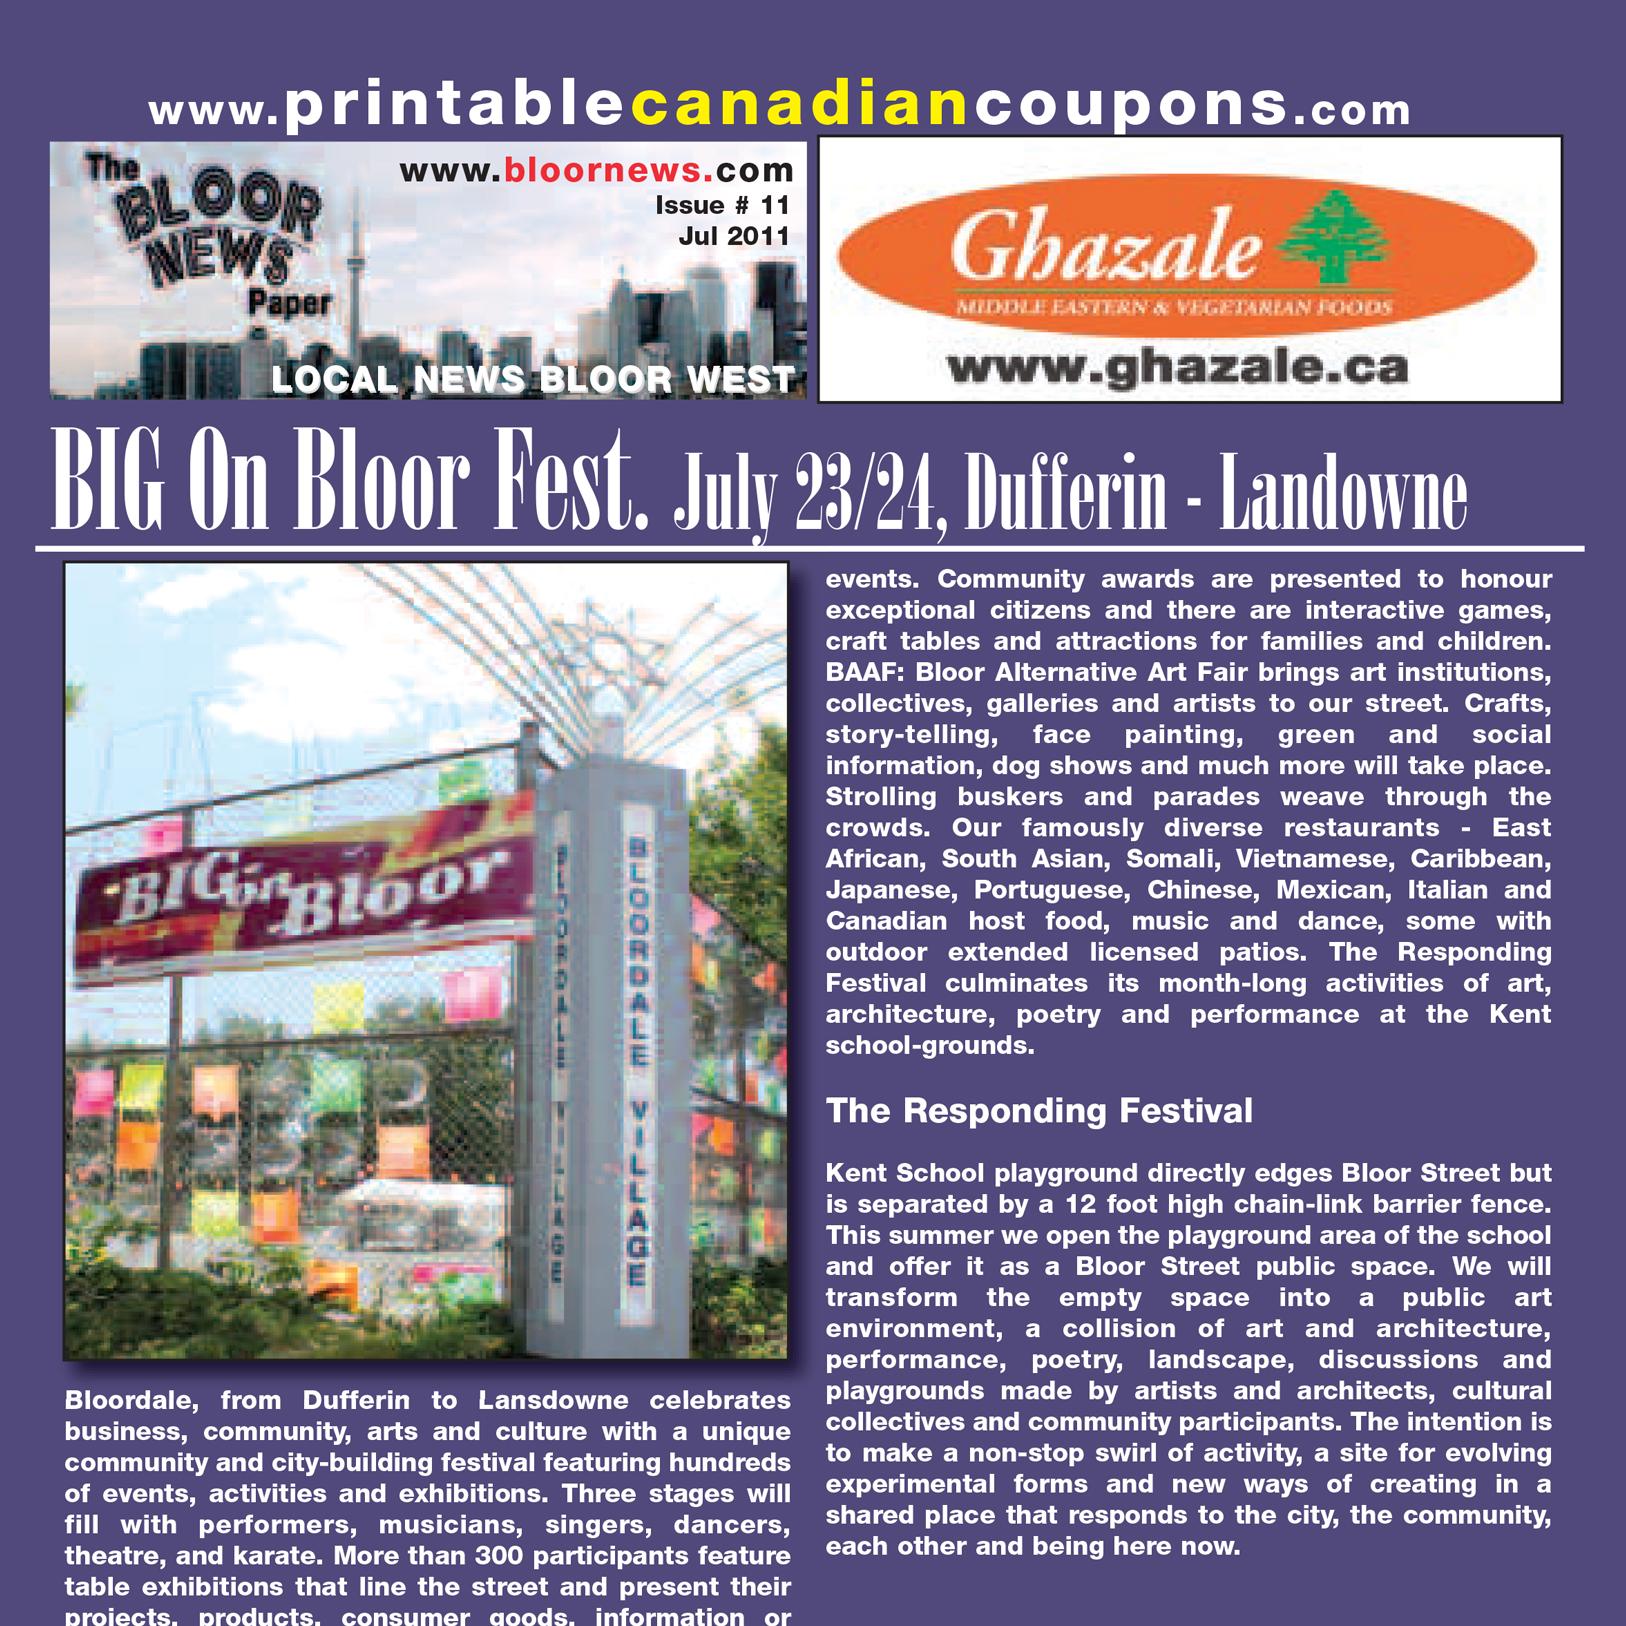 Bloor News